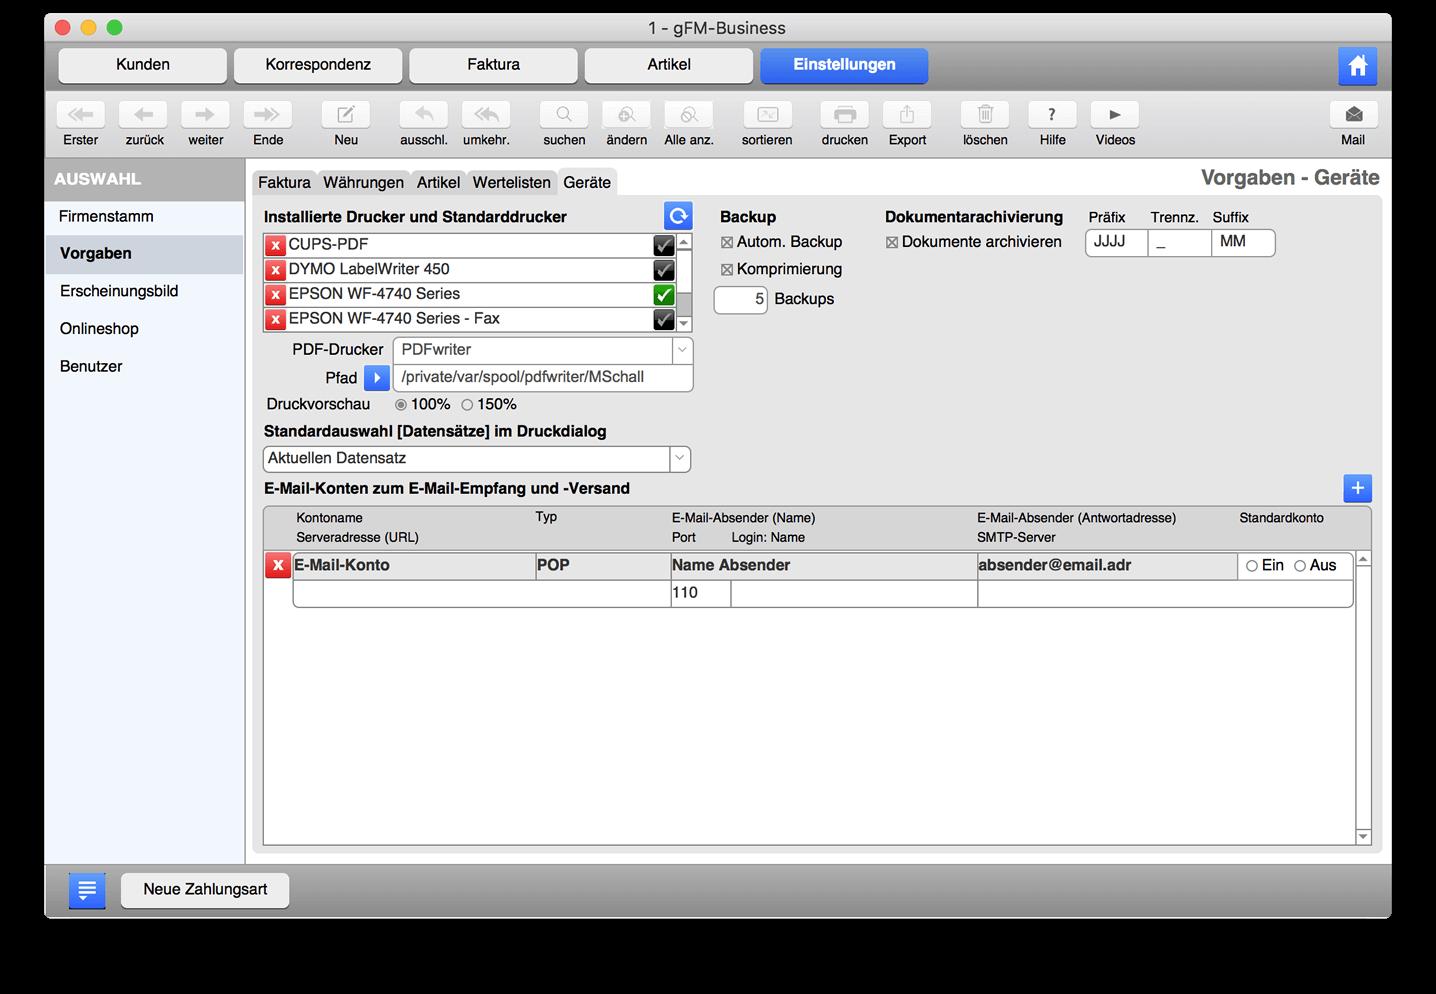 PDF-Druckertreiber in gFM-Business einrichten